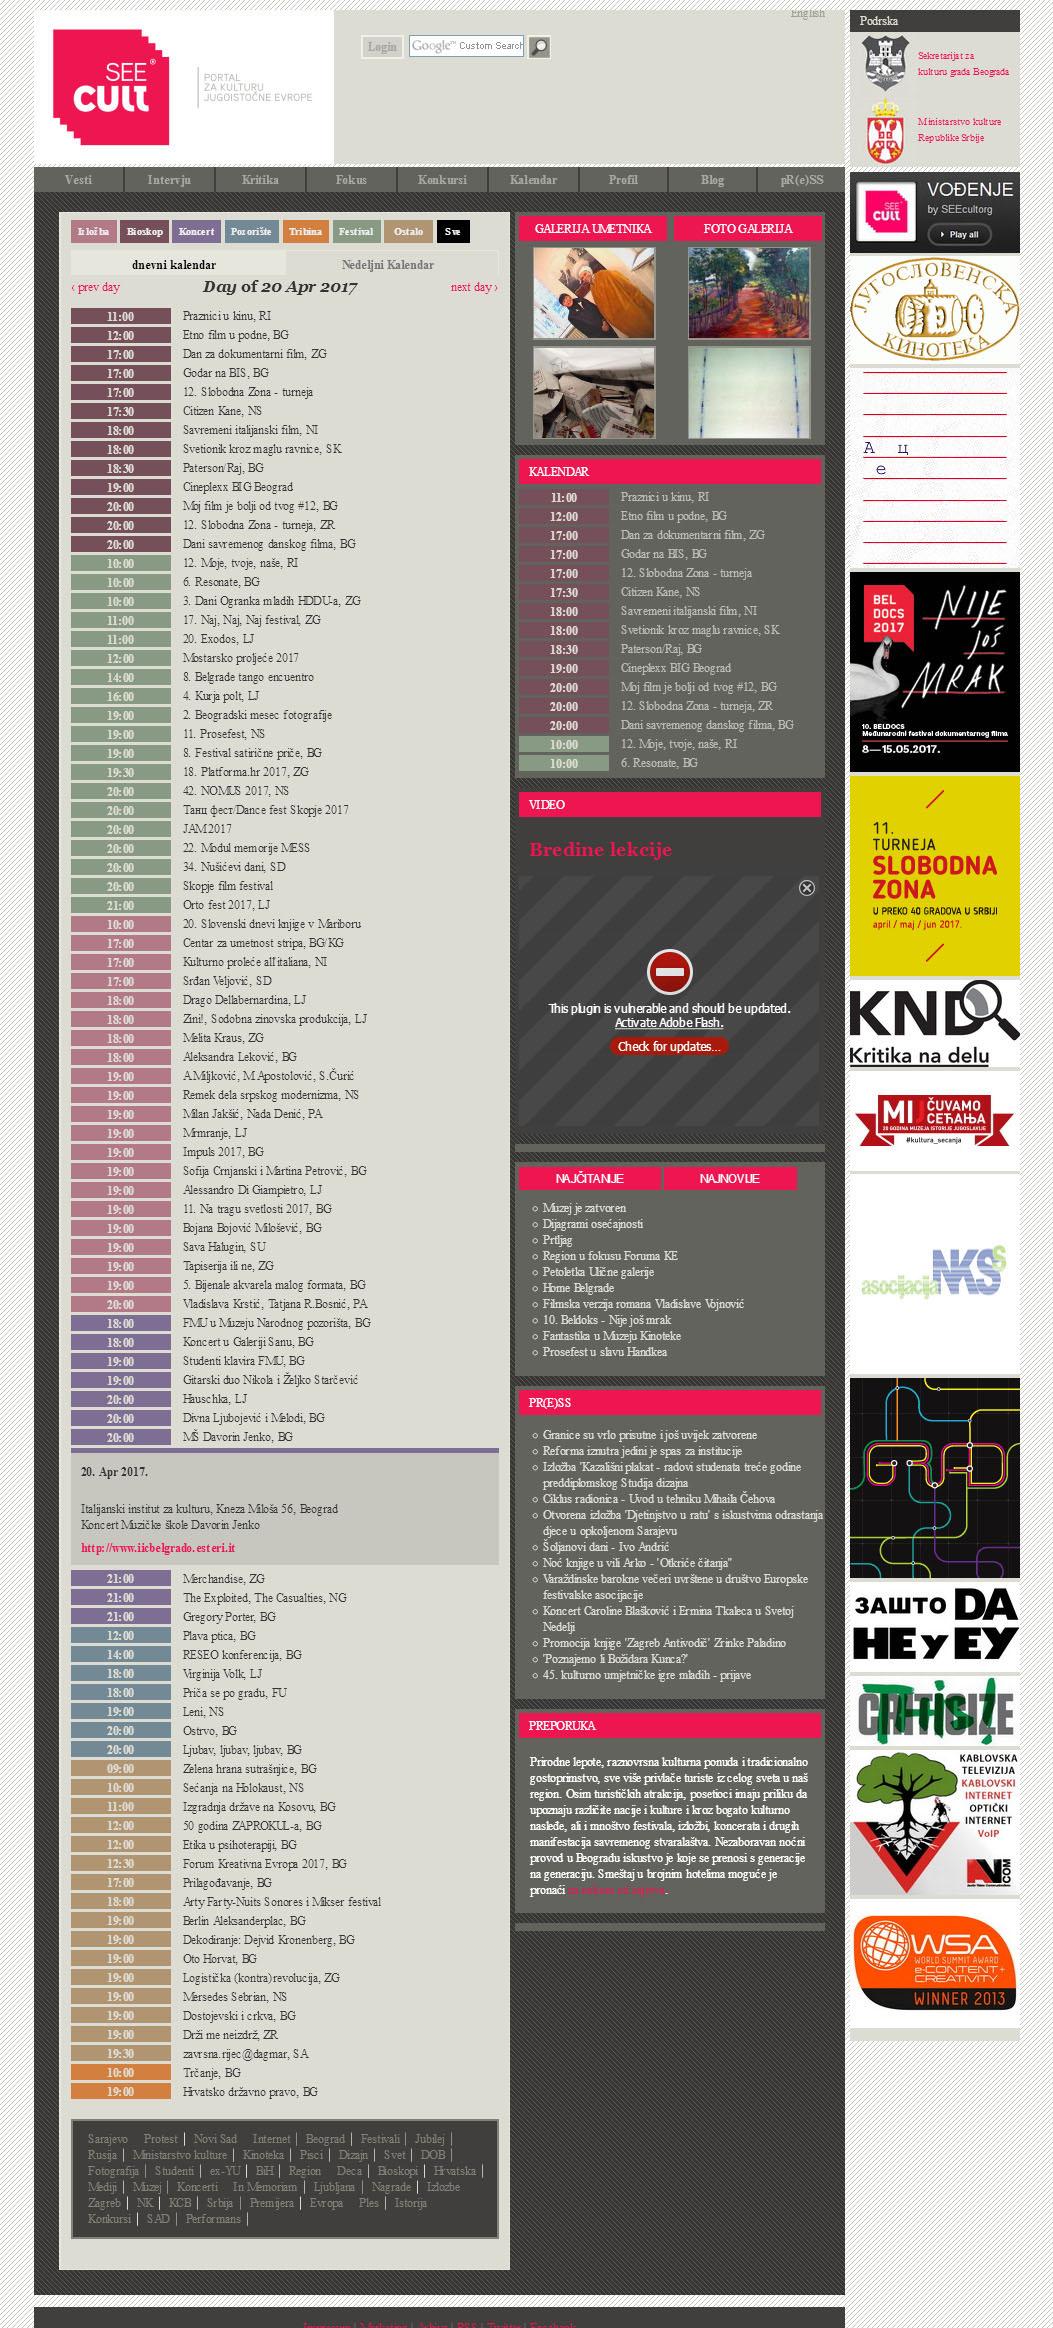 2004 - seecult.org - Kalendar dogadjaja.jpg